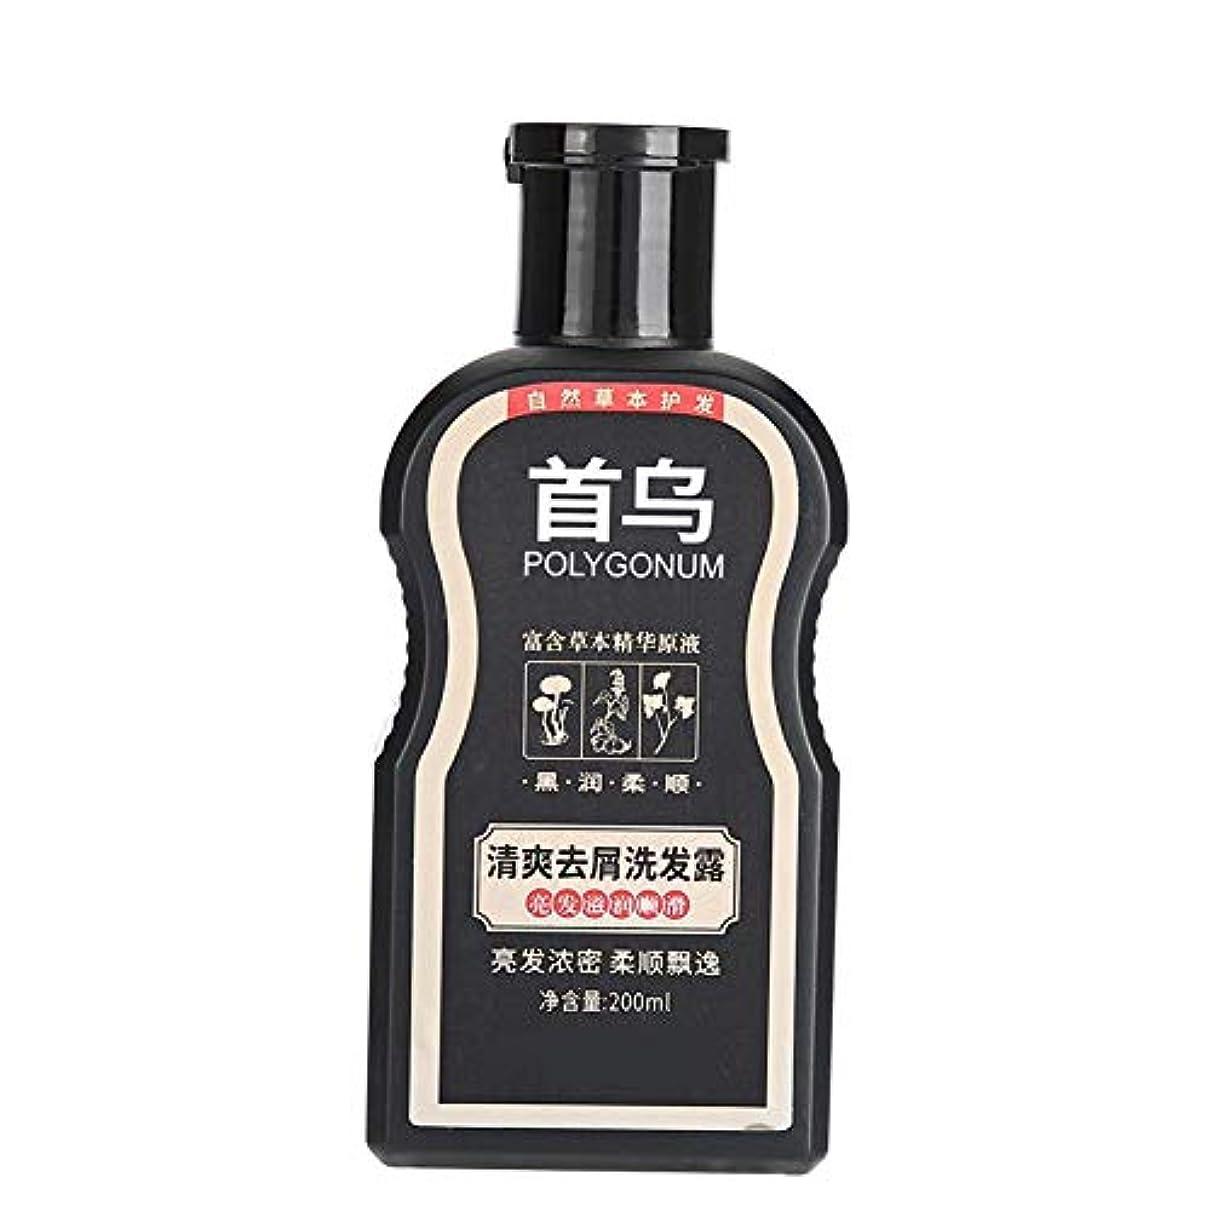 認める発生器価値のないPolygonum Multiflorumシャンプー、ふけ防止掻痒防止200ml、オイルコントロールモイスチャライジングヘアシャンプー、傷んだ髪を養い、修復するため、黒く滑らかに、そして稠密にする